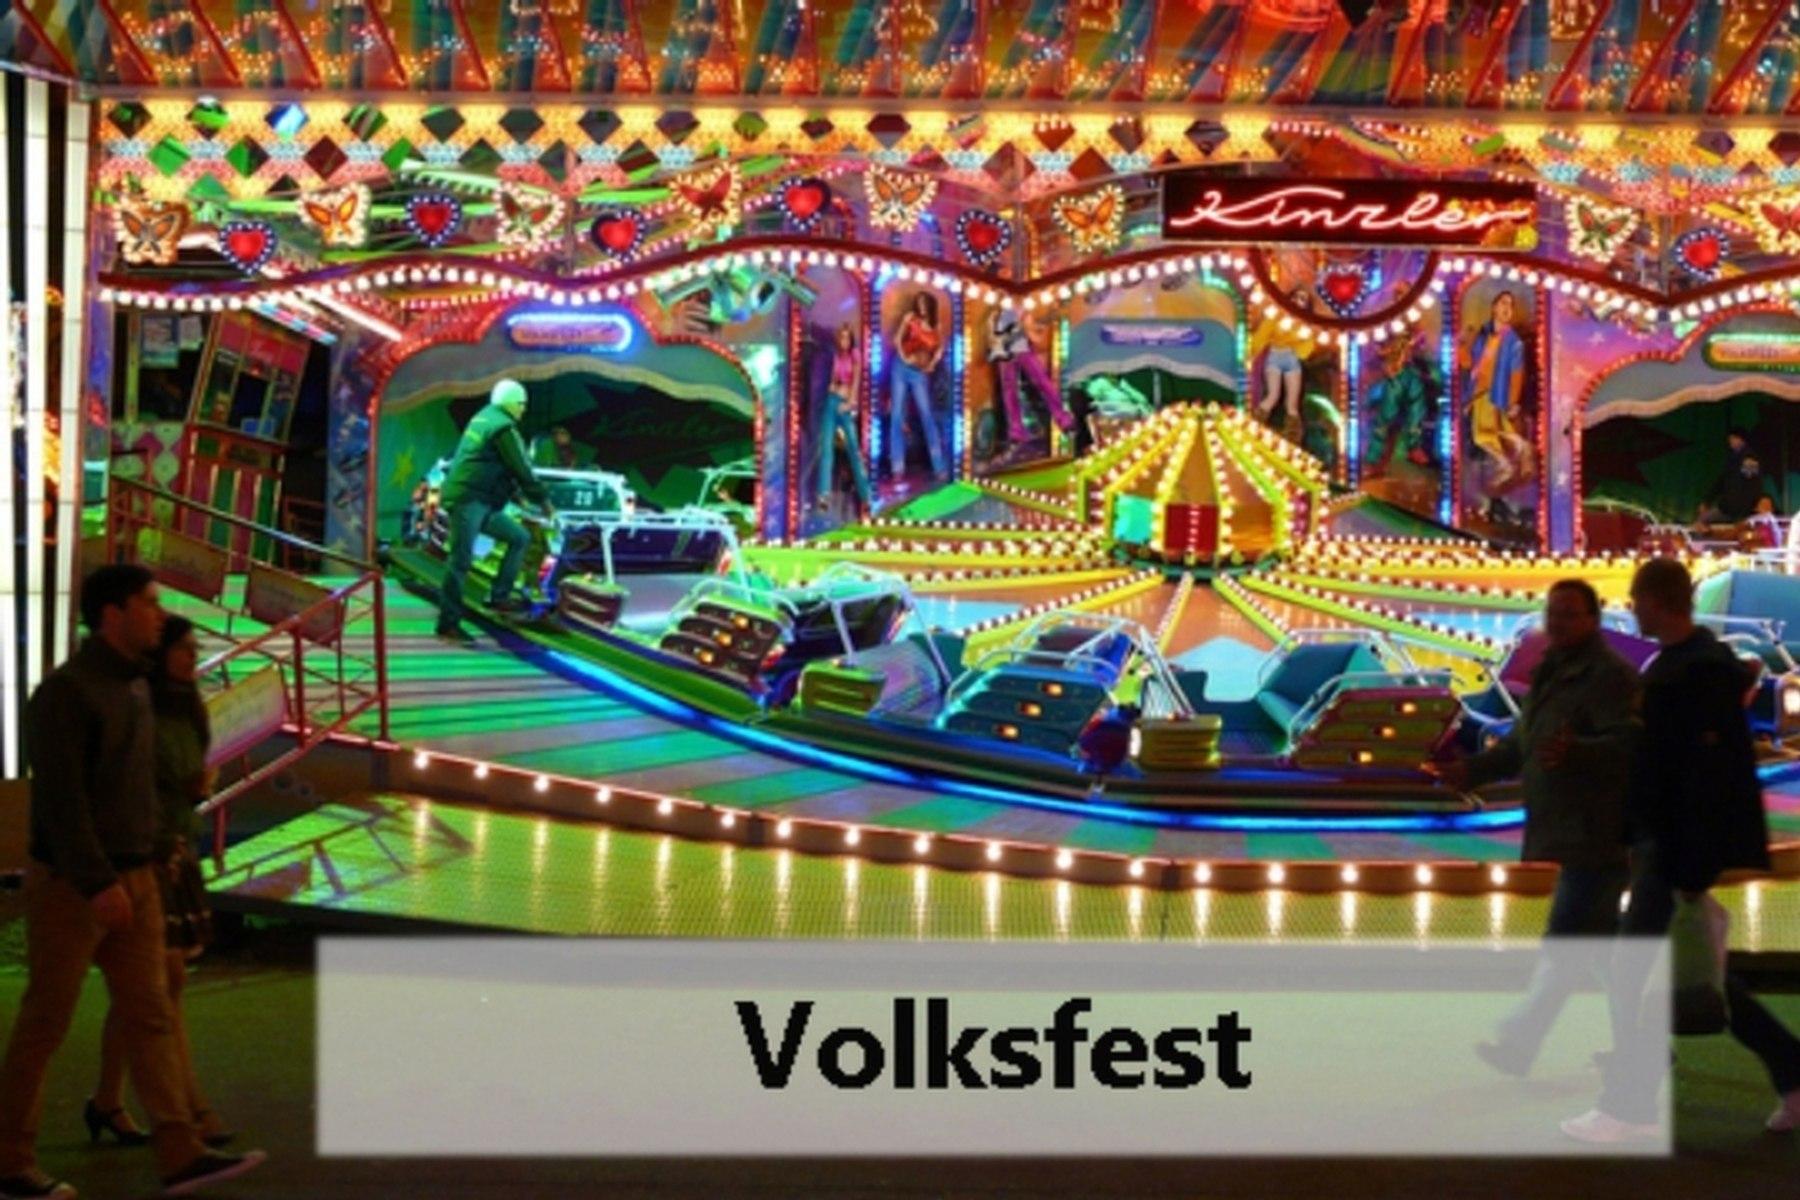 2021 segeberg oktoberfest bad Stoketoberfest: the